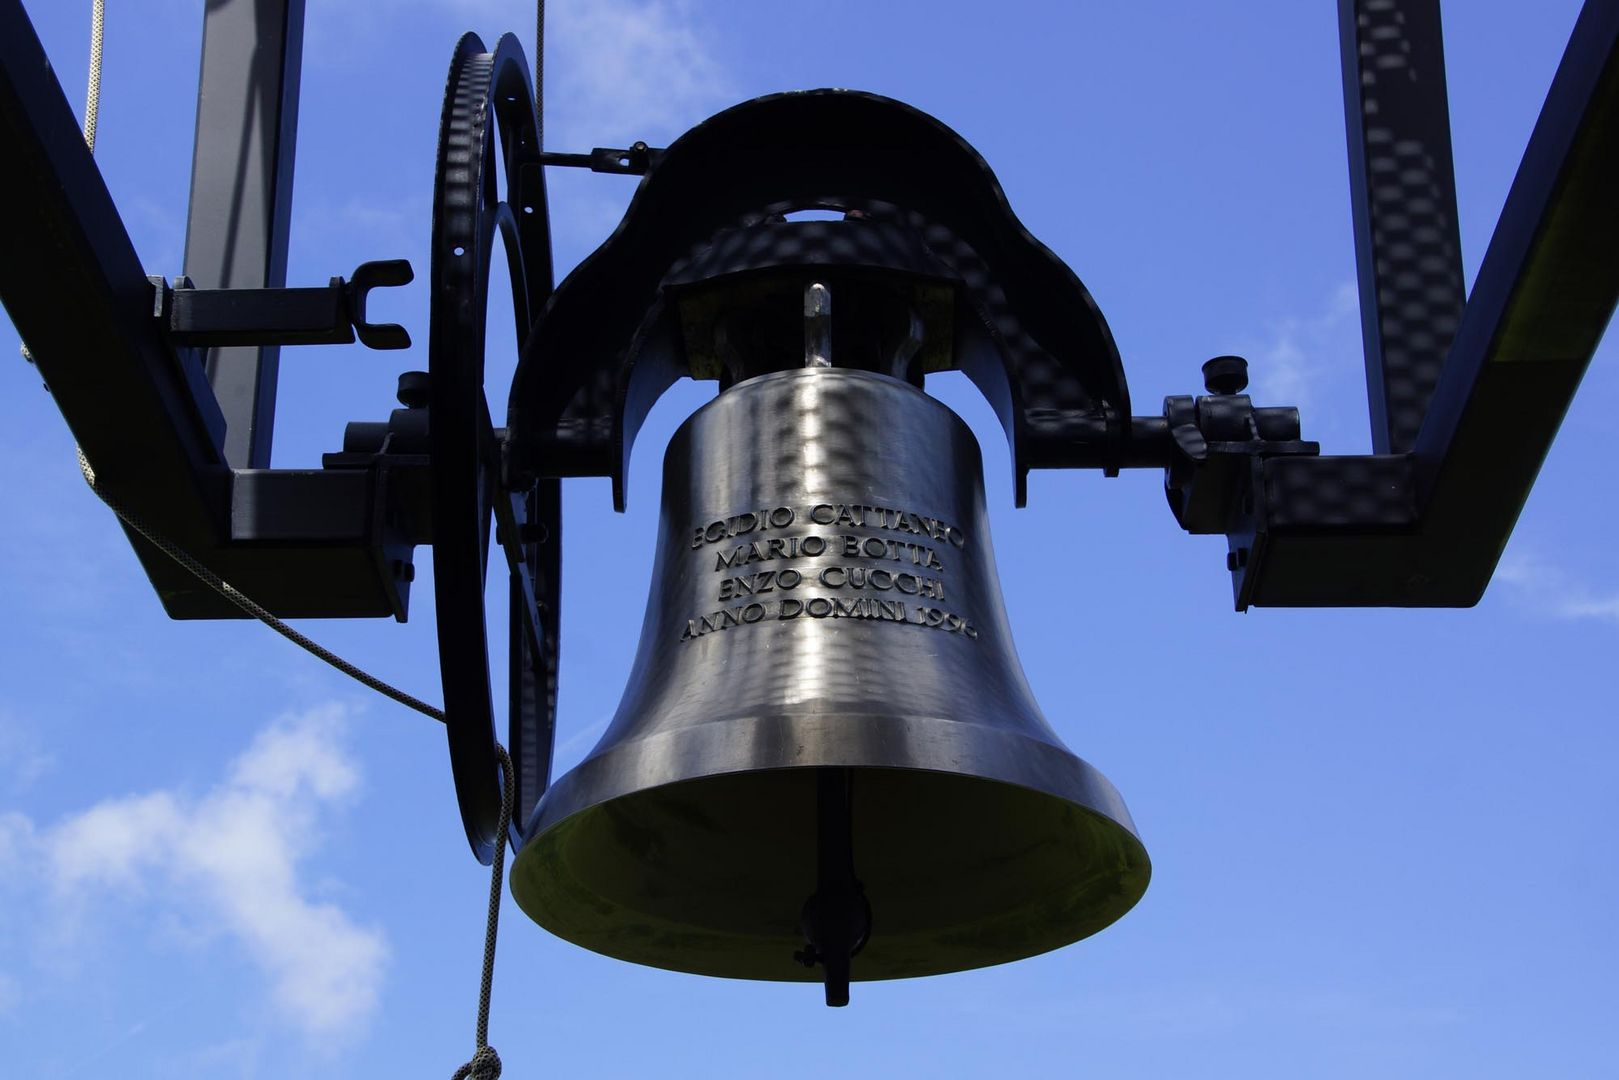 Glocke der Kirche Santa Maria degli Angeli